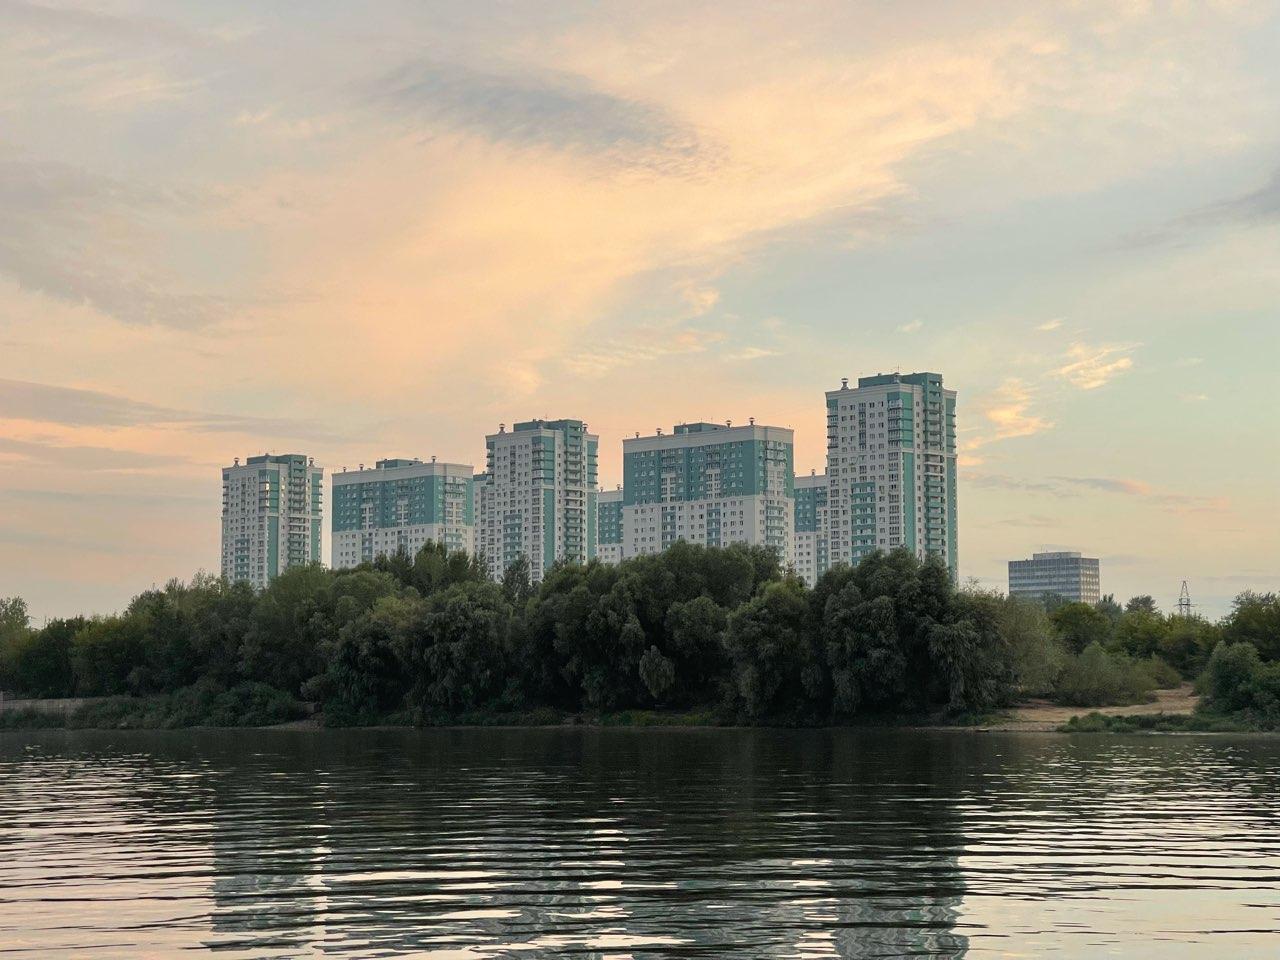 900 ДДУ зарегистрировано в Нижегородской области в августе - фото 1